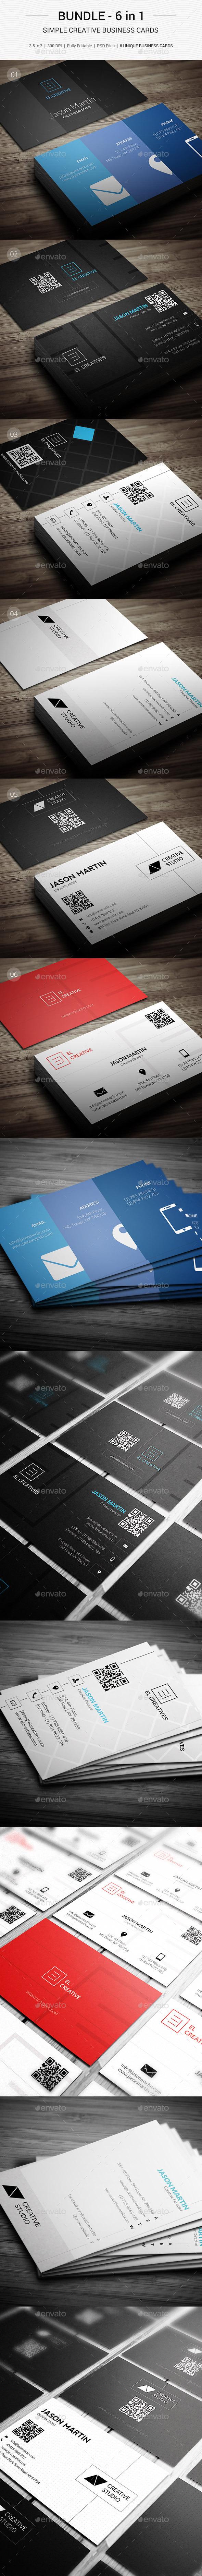 Bundle Creative Simple Business Cards 144